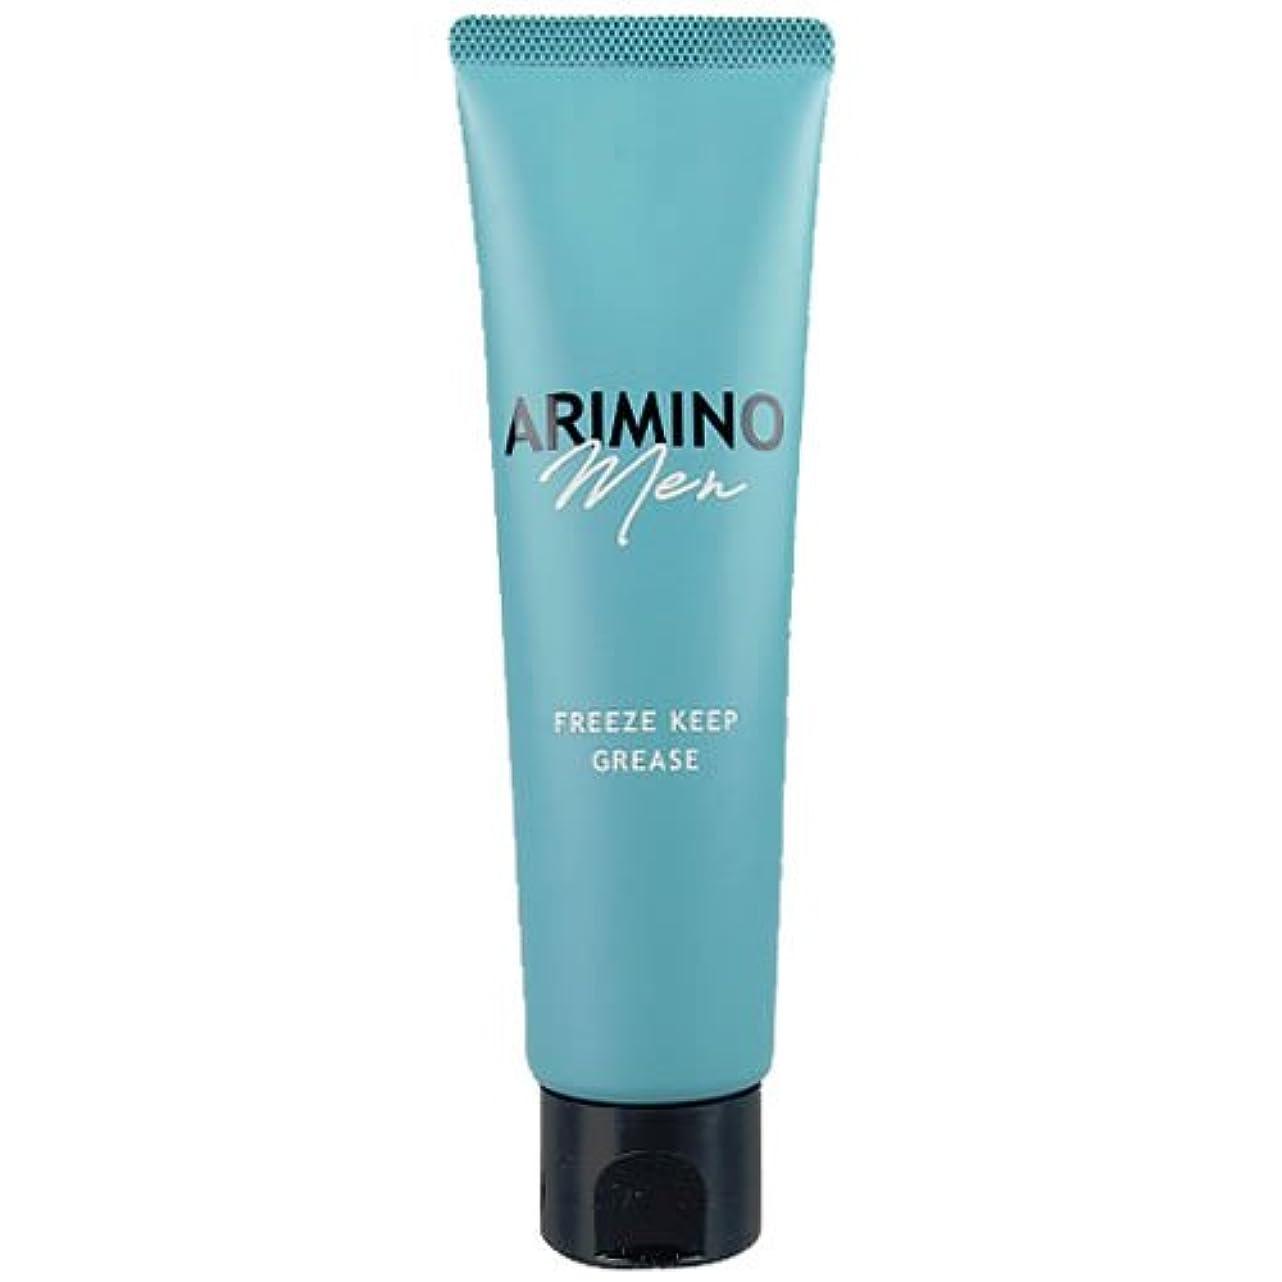 カバー難民母アリミノ ARIMINO アリミノ メン フリーズキープ グリース 100g [並行輸入品]